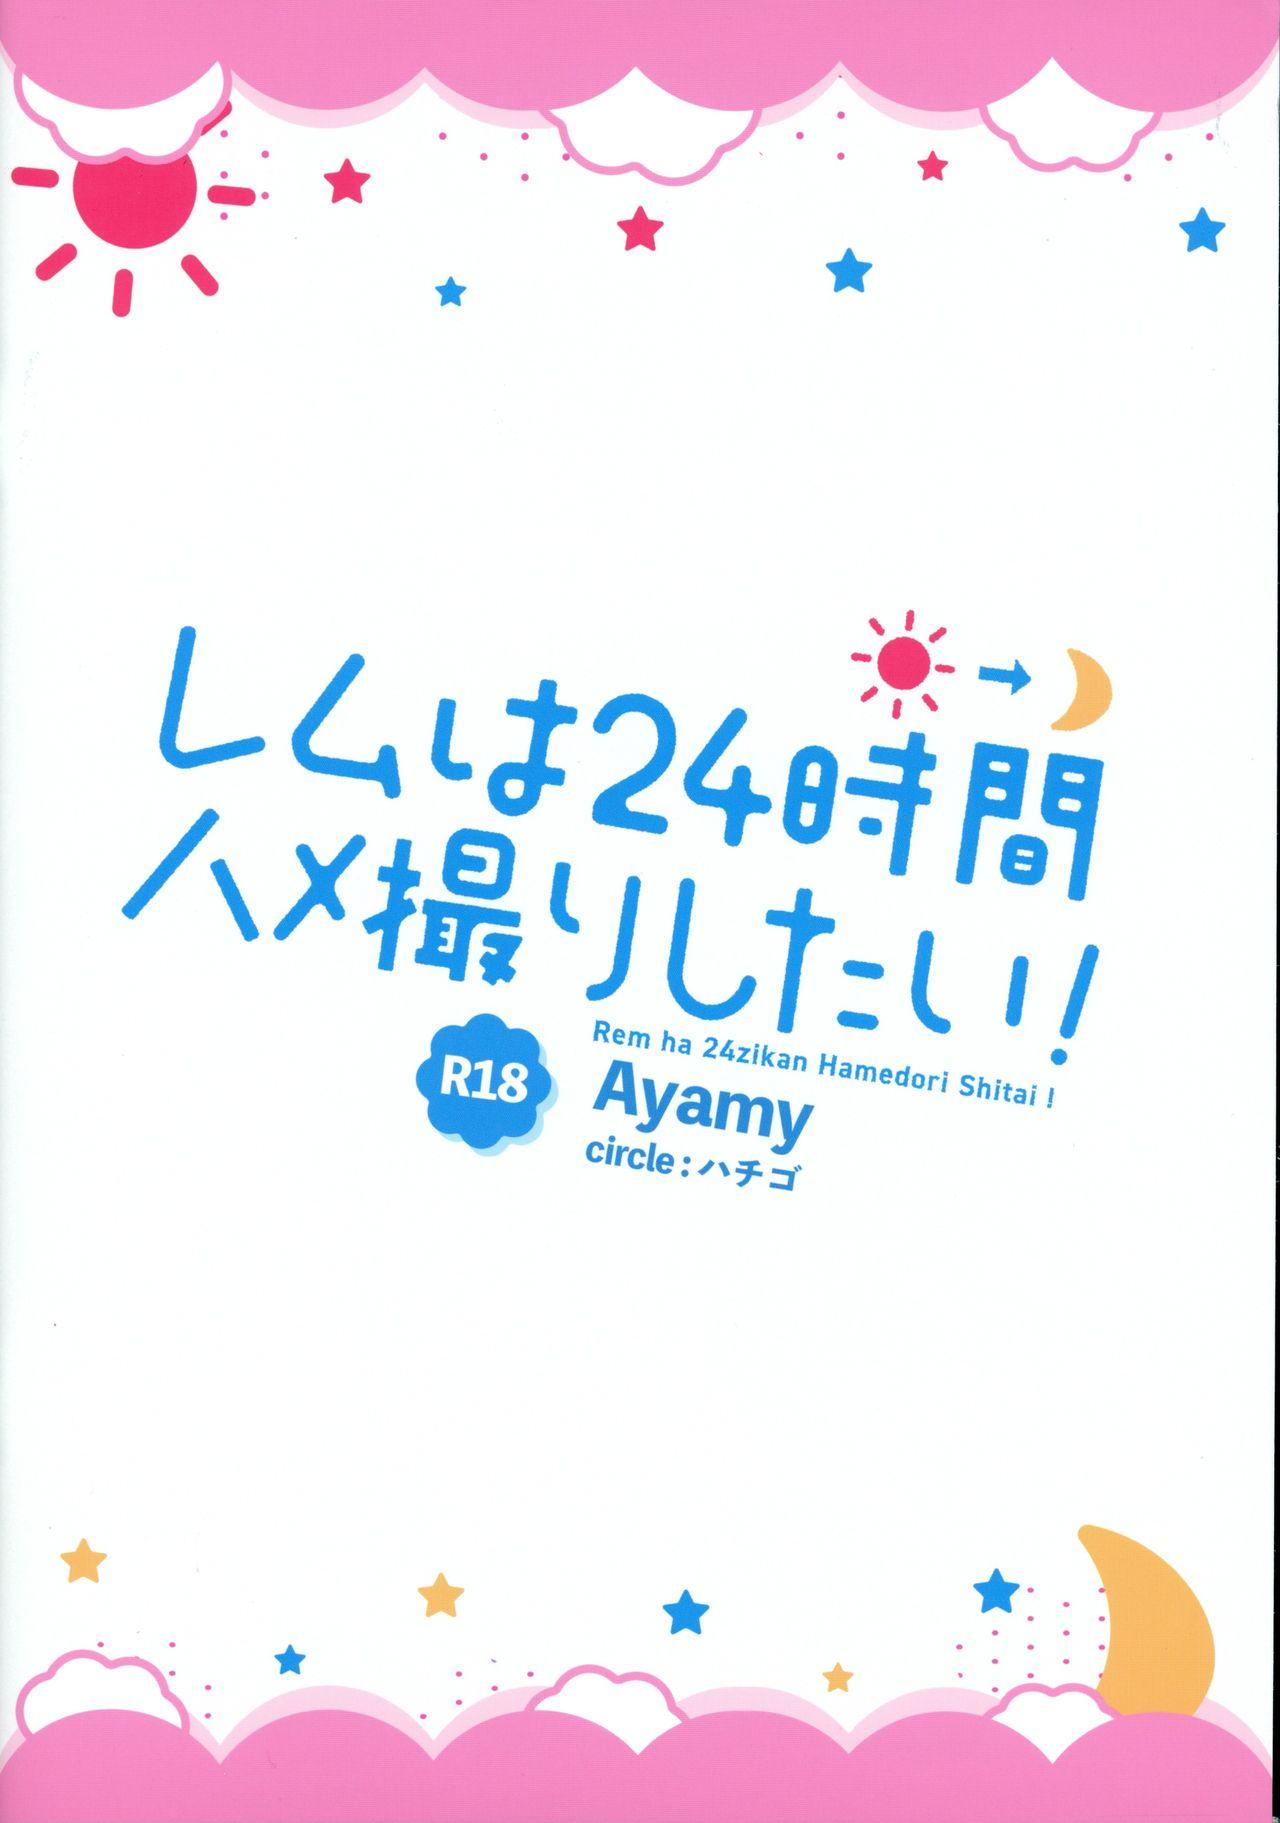 Rem wa 24-jikan Hamedori Shitai! 1